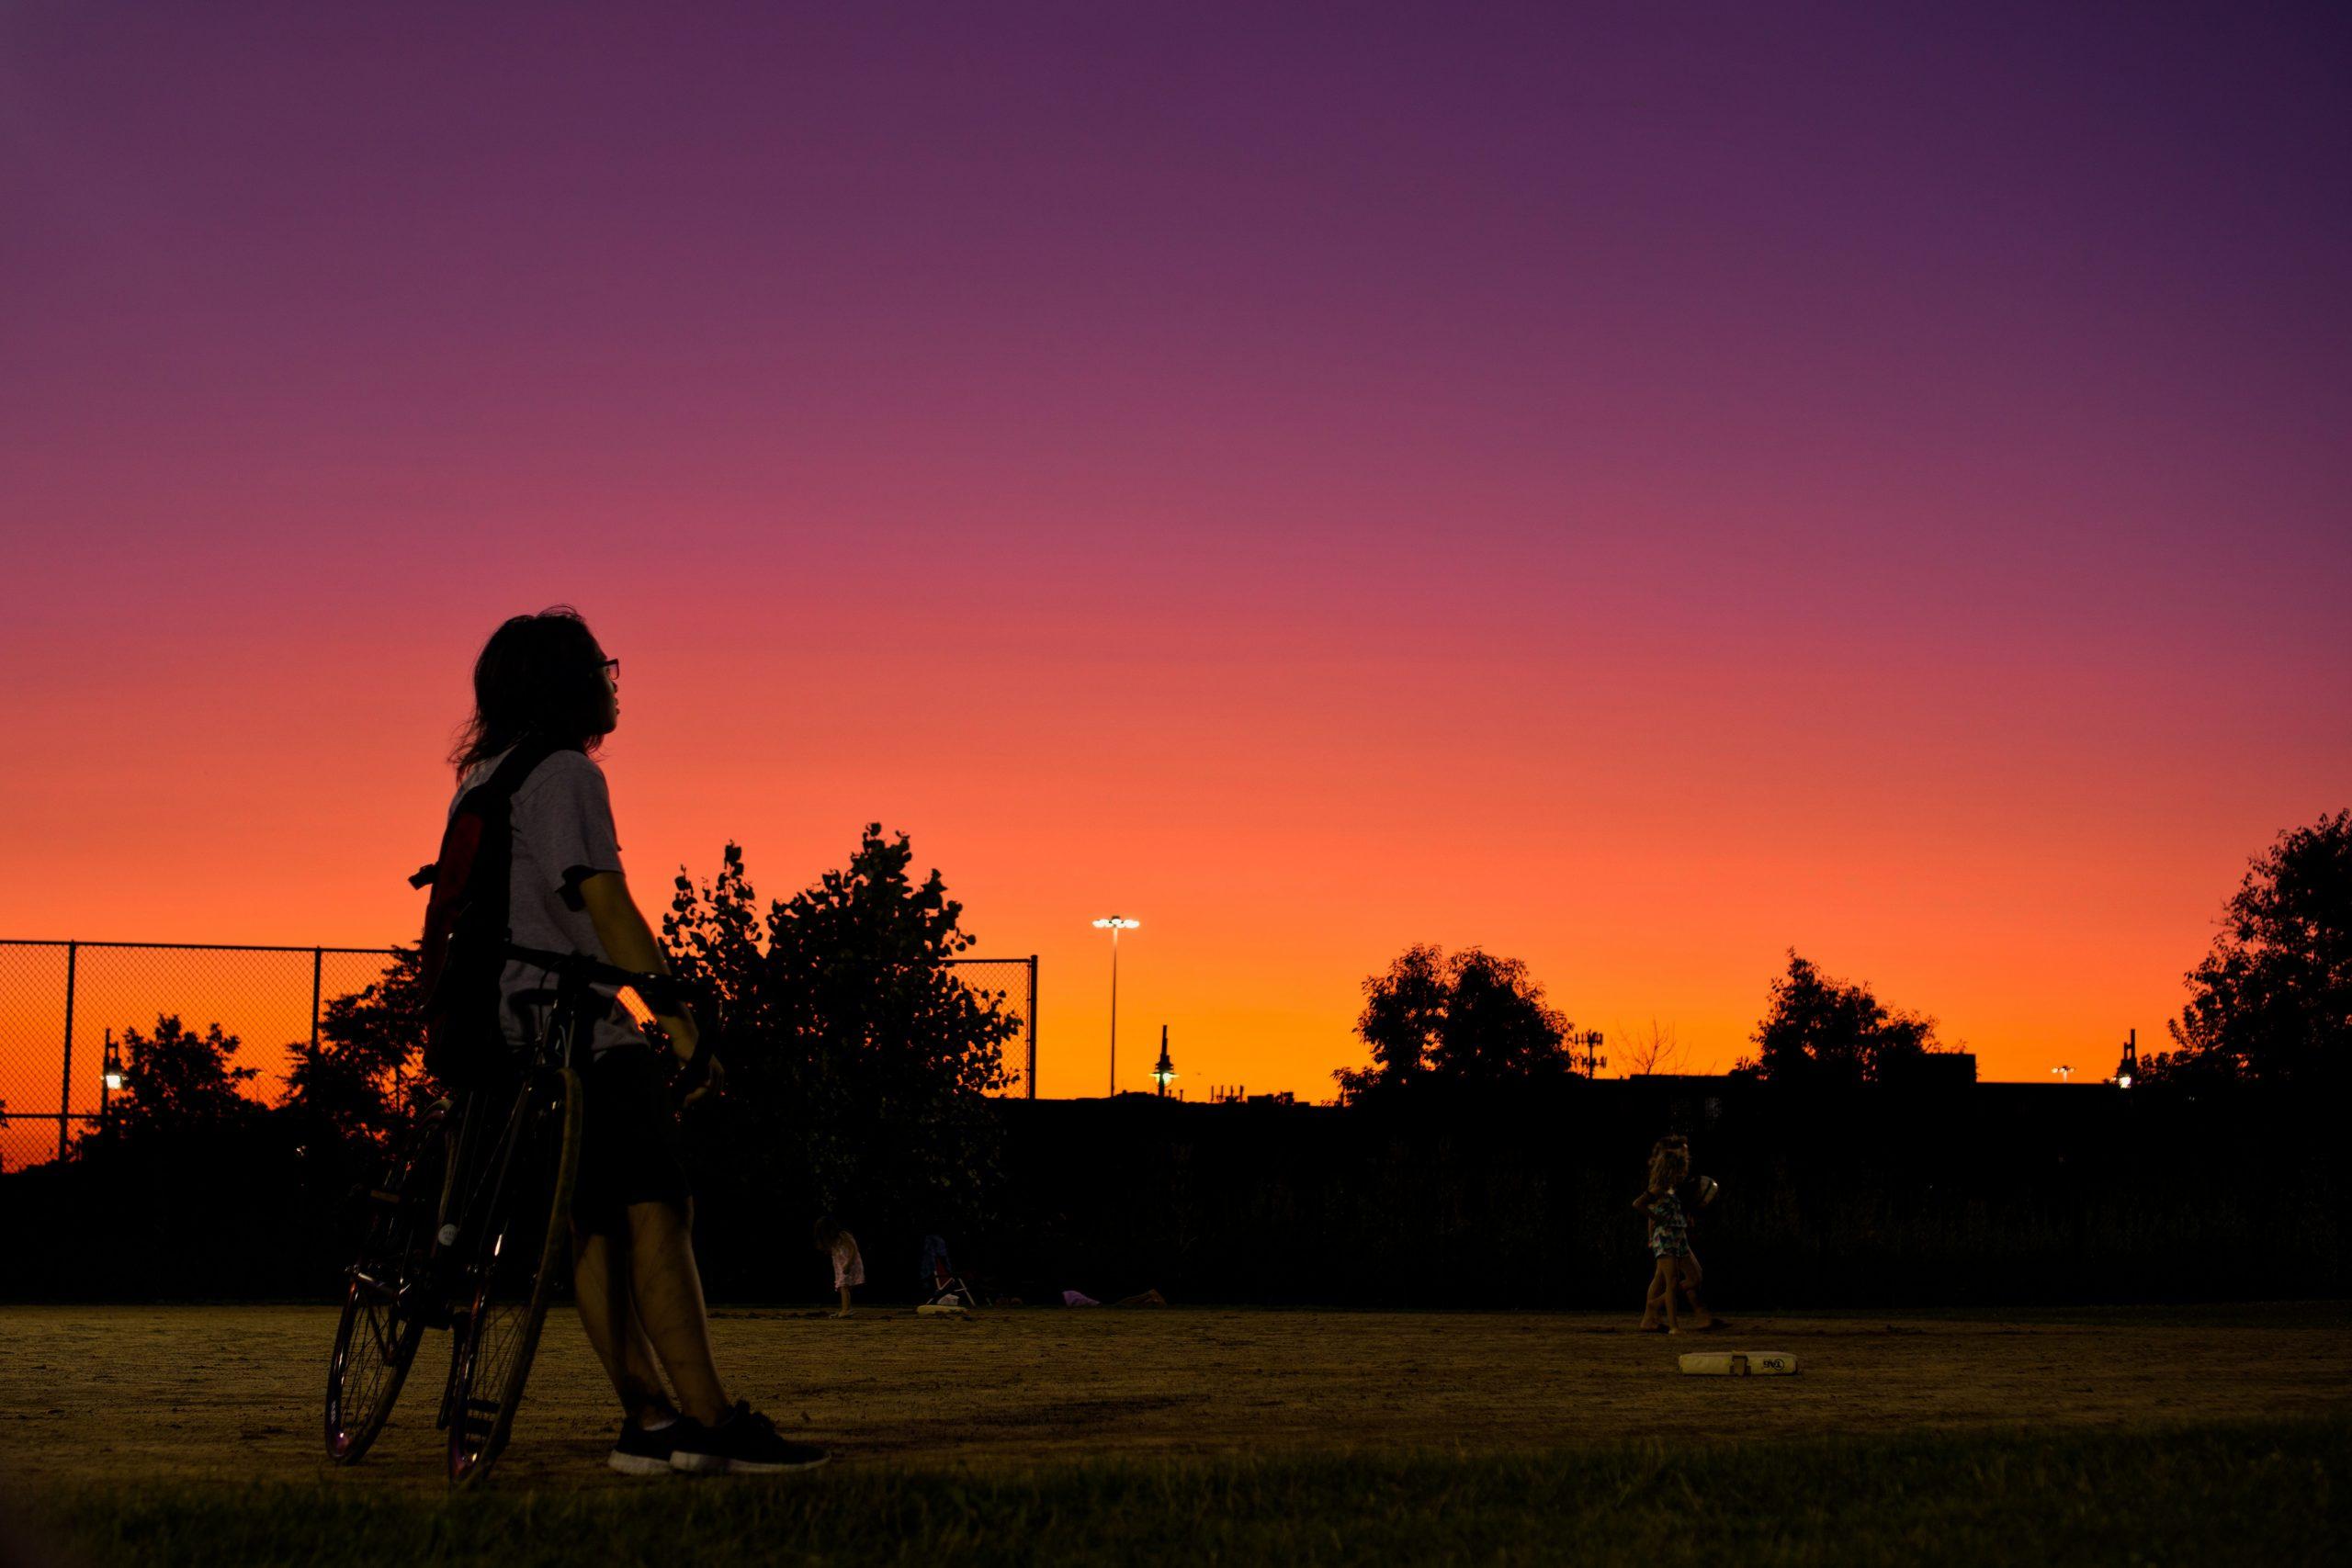 Imagem mostra um rapaz num campo de beisebol, apoiado em sua bike estacionada, admirando o pôr do sol.